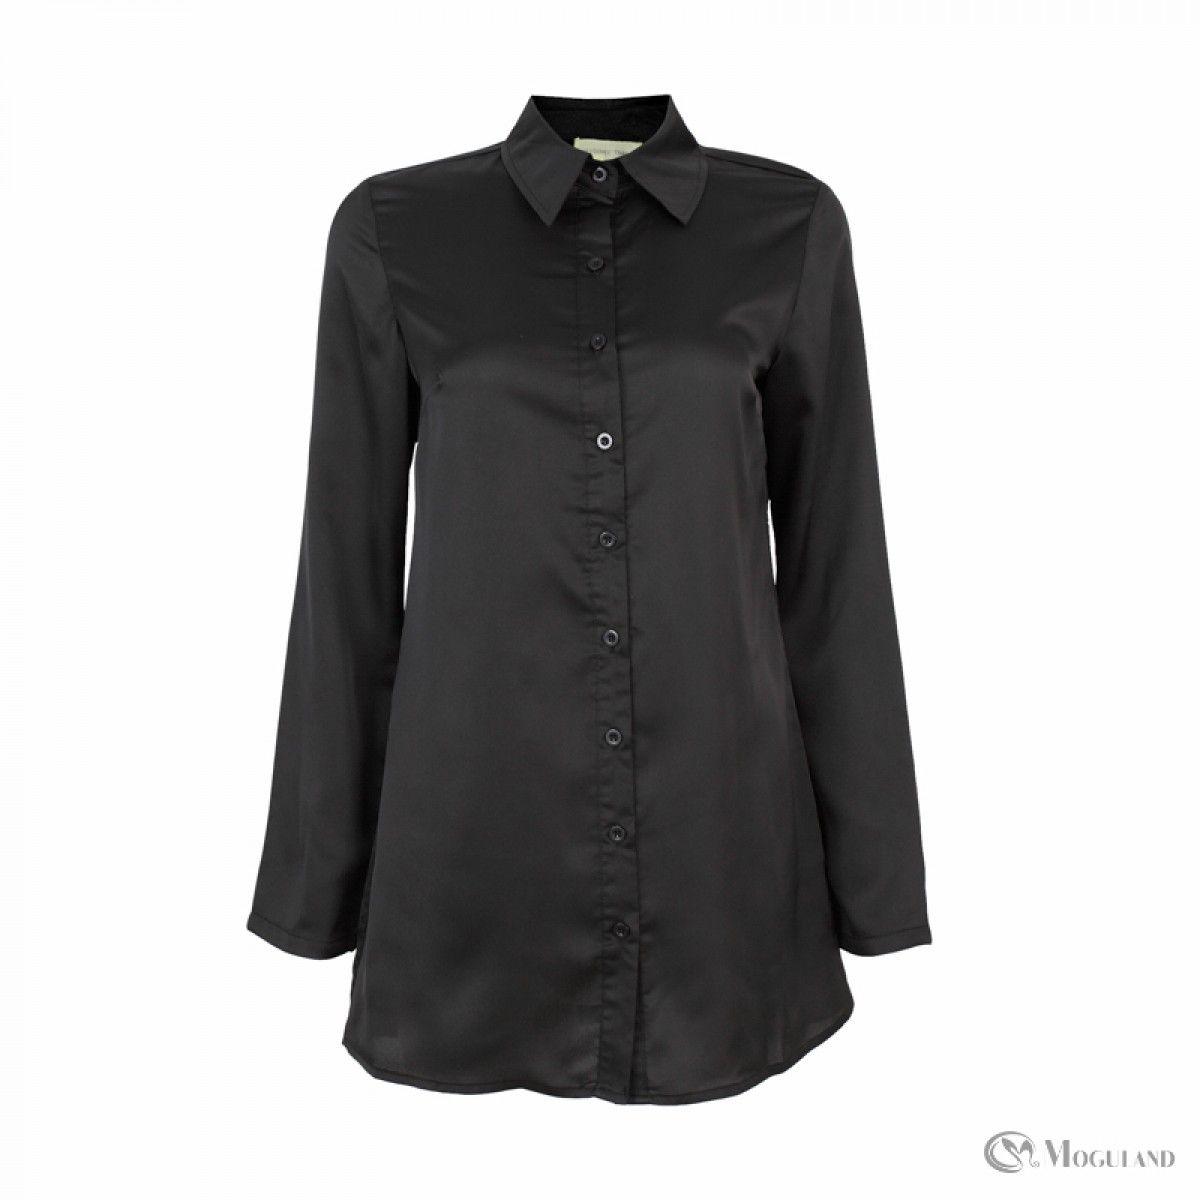 00b17e235267 Black Satin Blouse Ladies